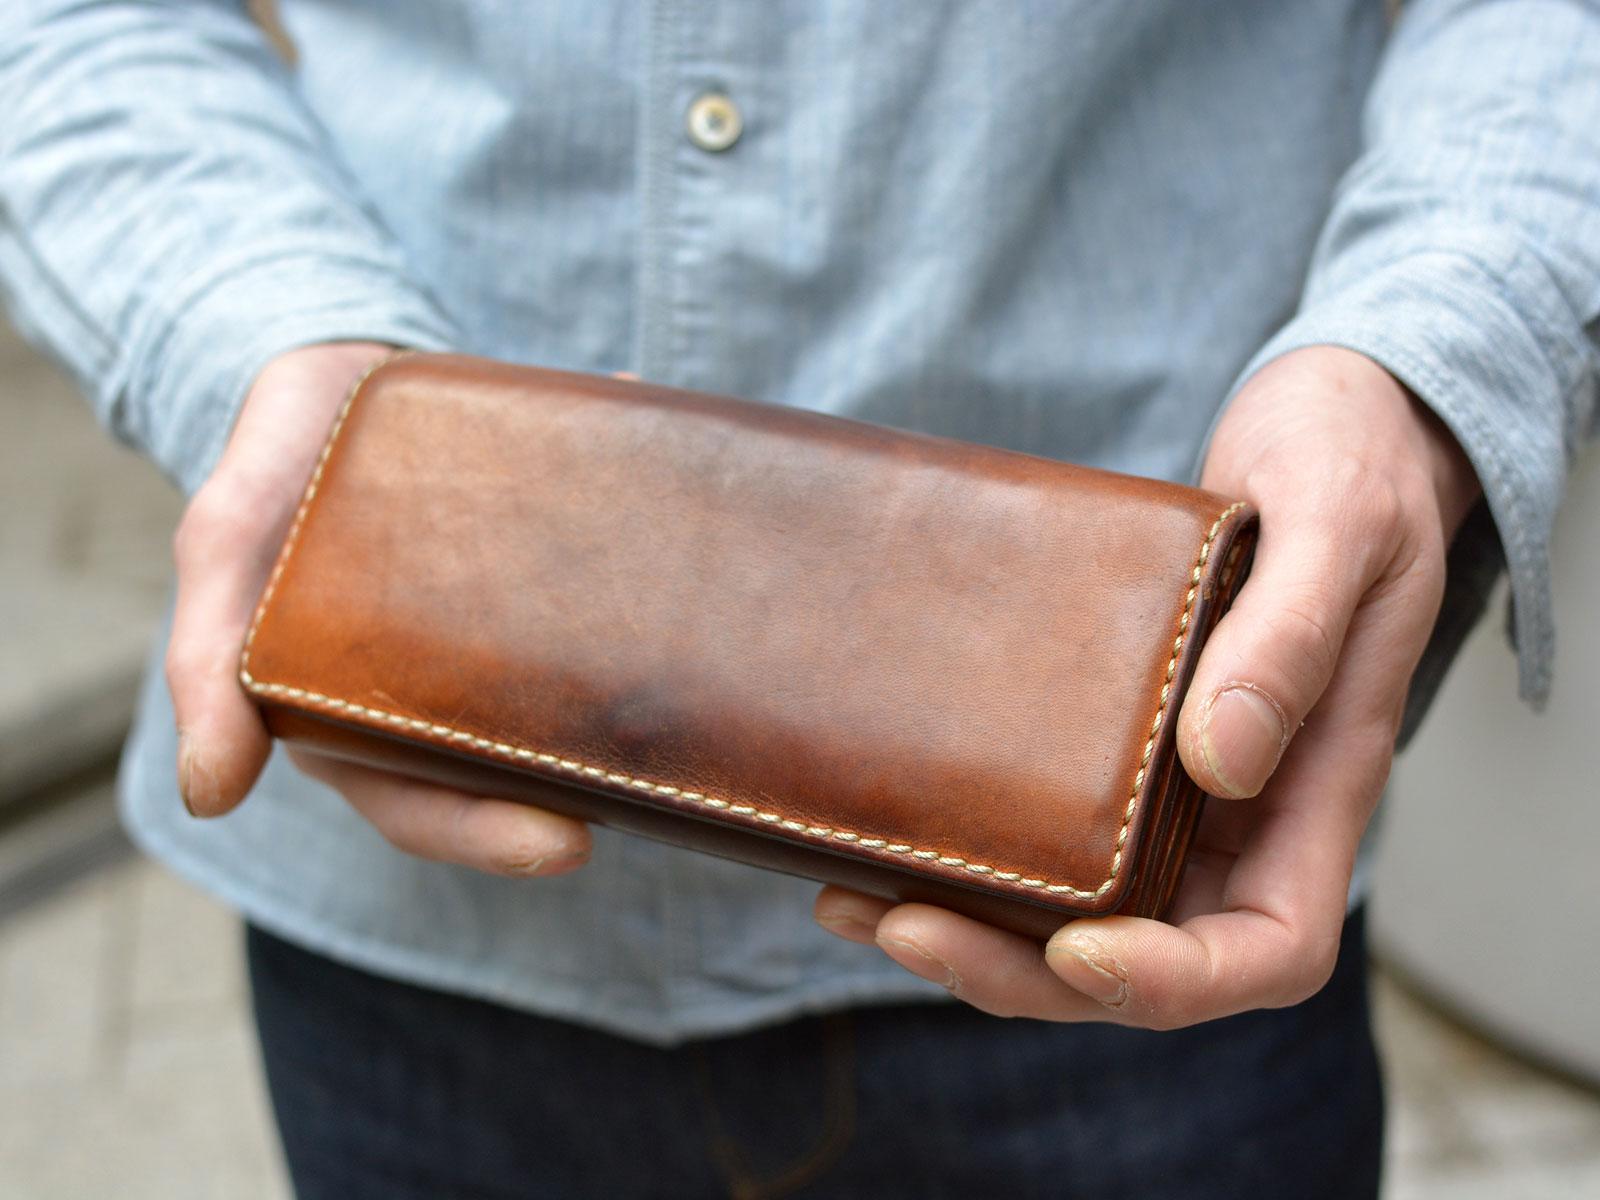 スタッフ愛用品:ソフトレザーの長財布